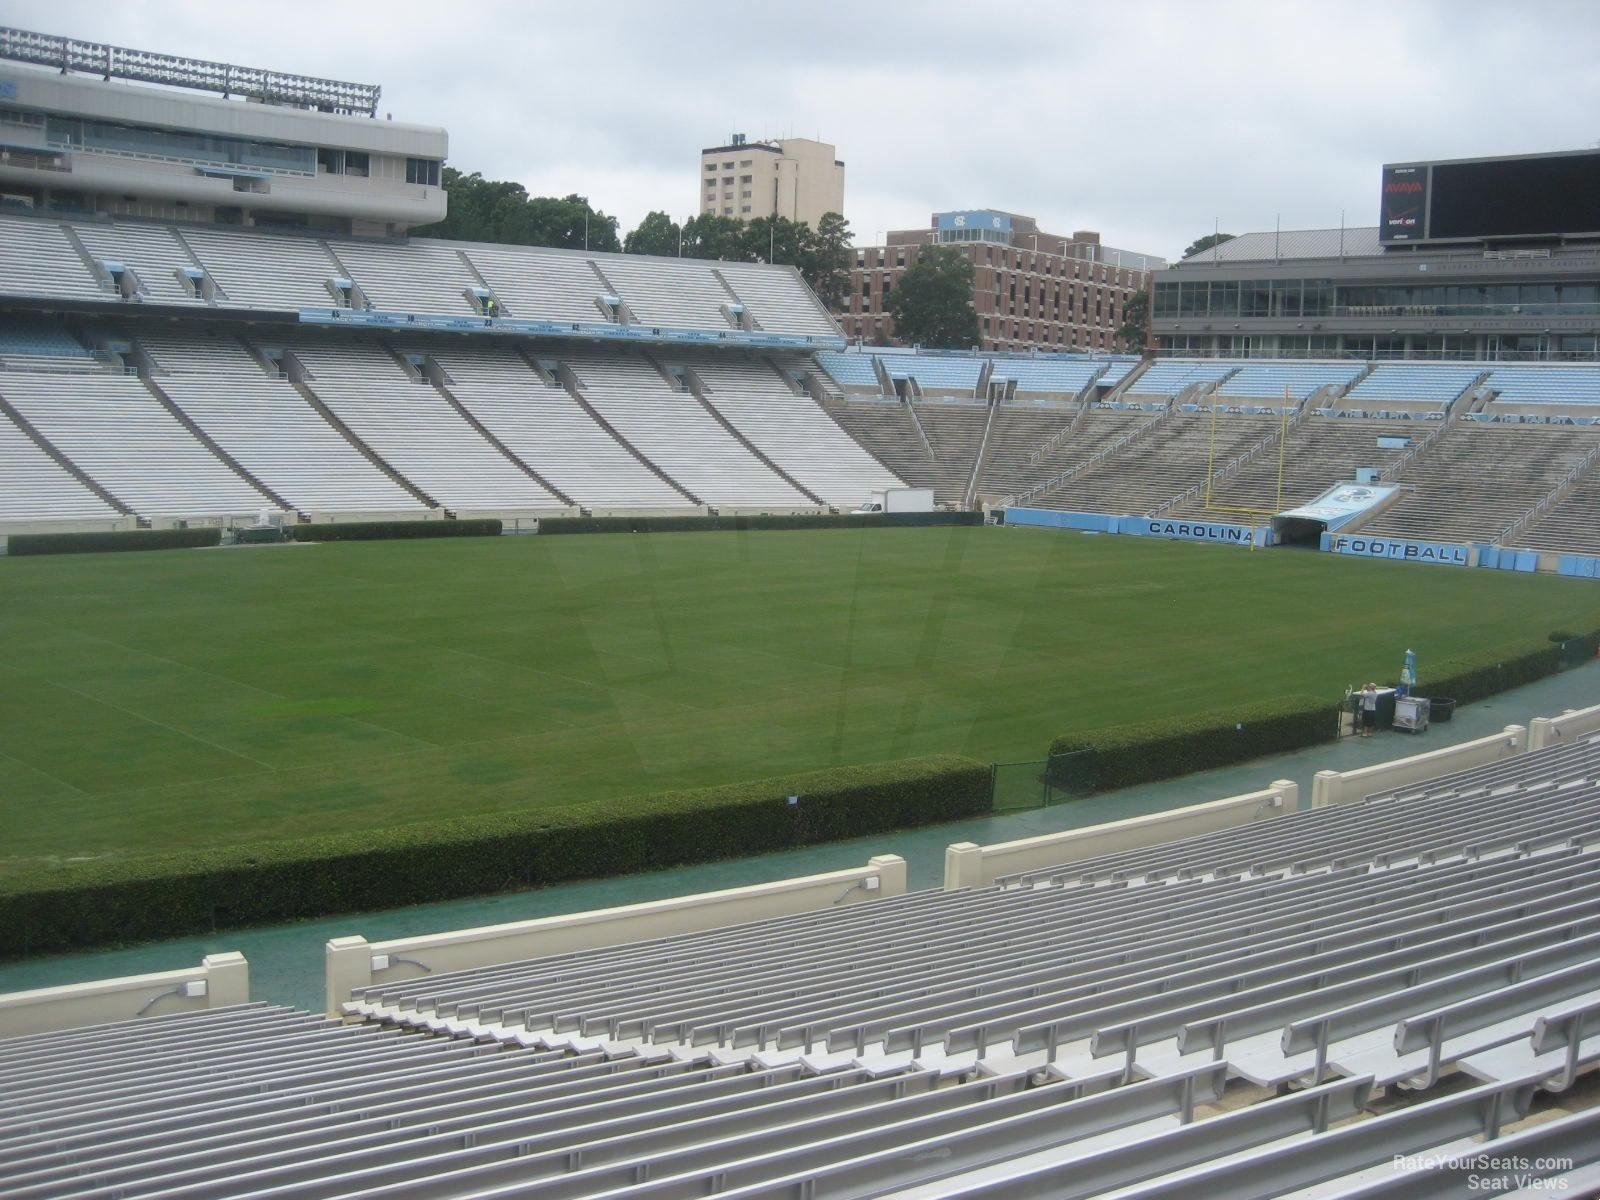 Triple Aaa Number >> Kenan Memorial Stadium Section 102 - RateYourSeats.com